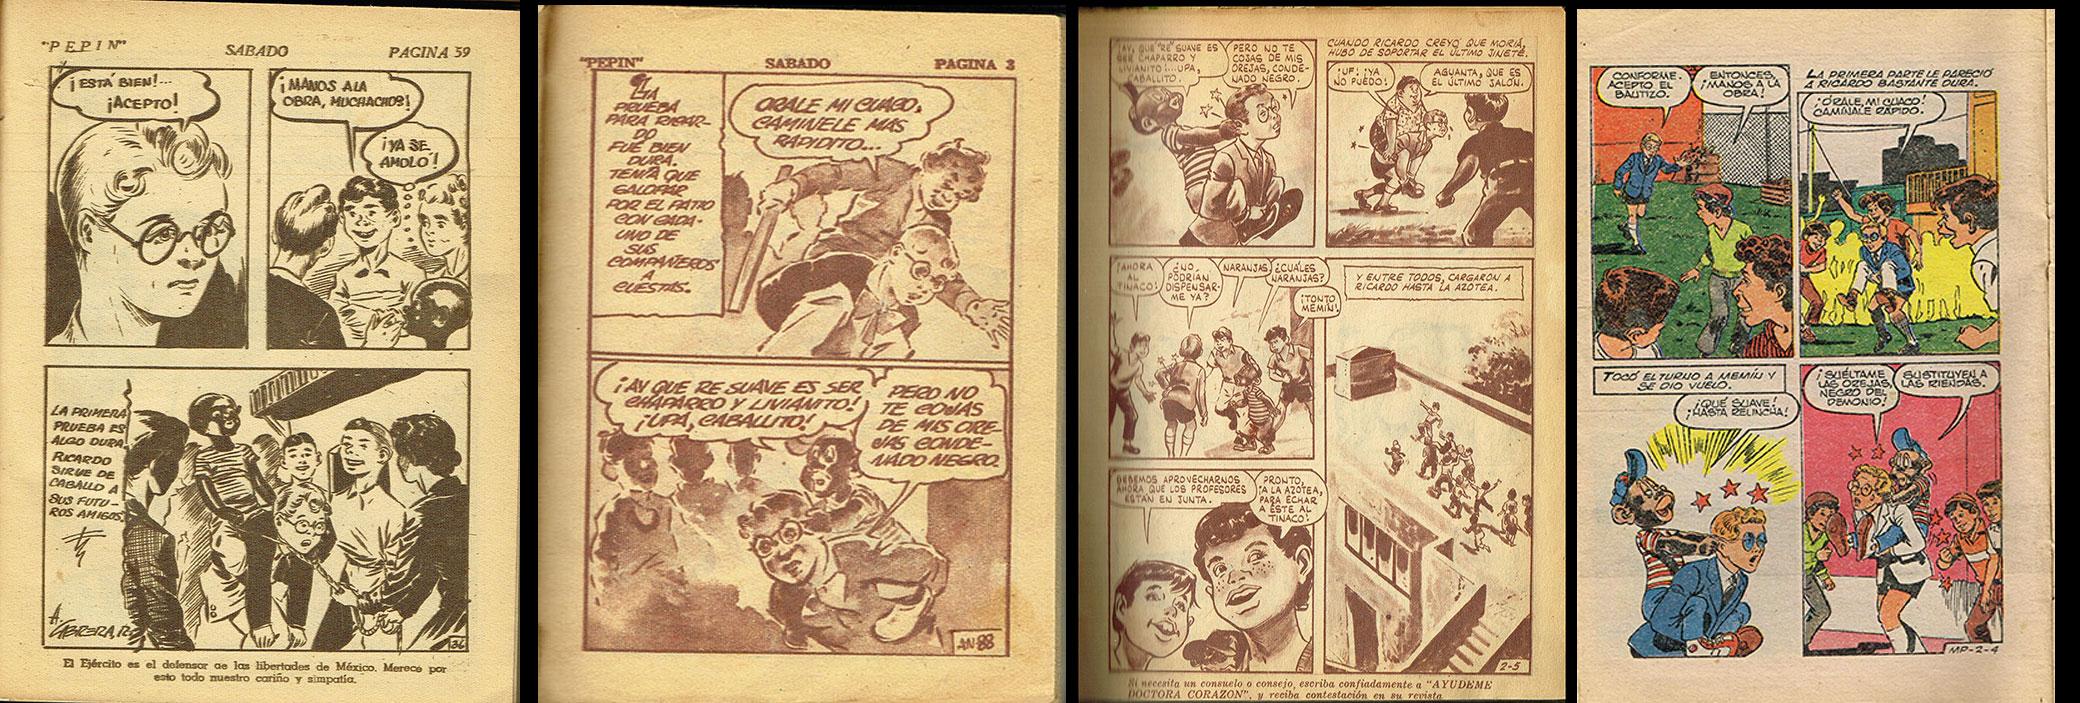 la misma pagina en orden de aparición: 1943, 1954, 1962, 1985.